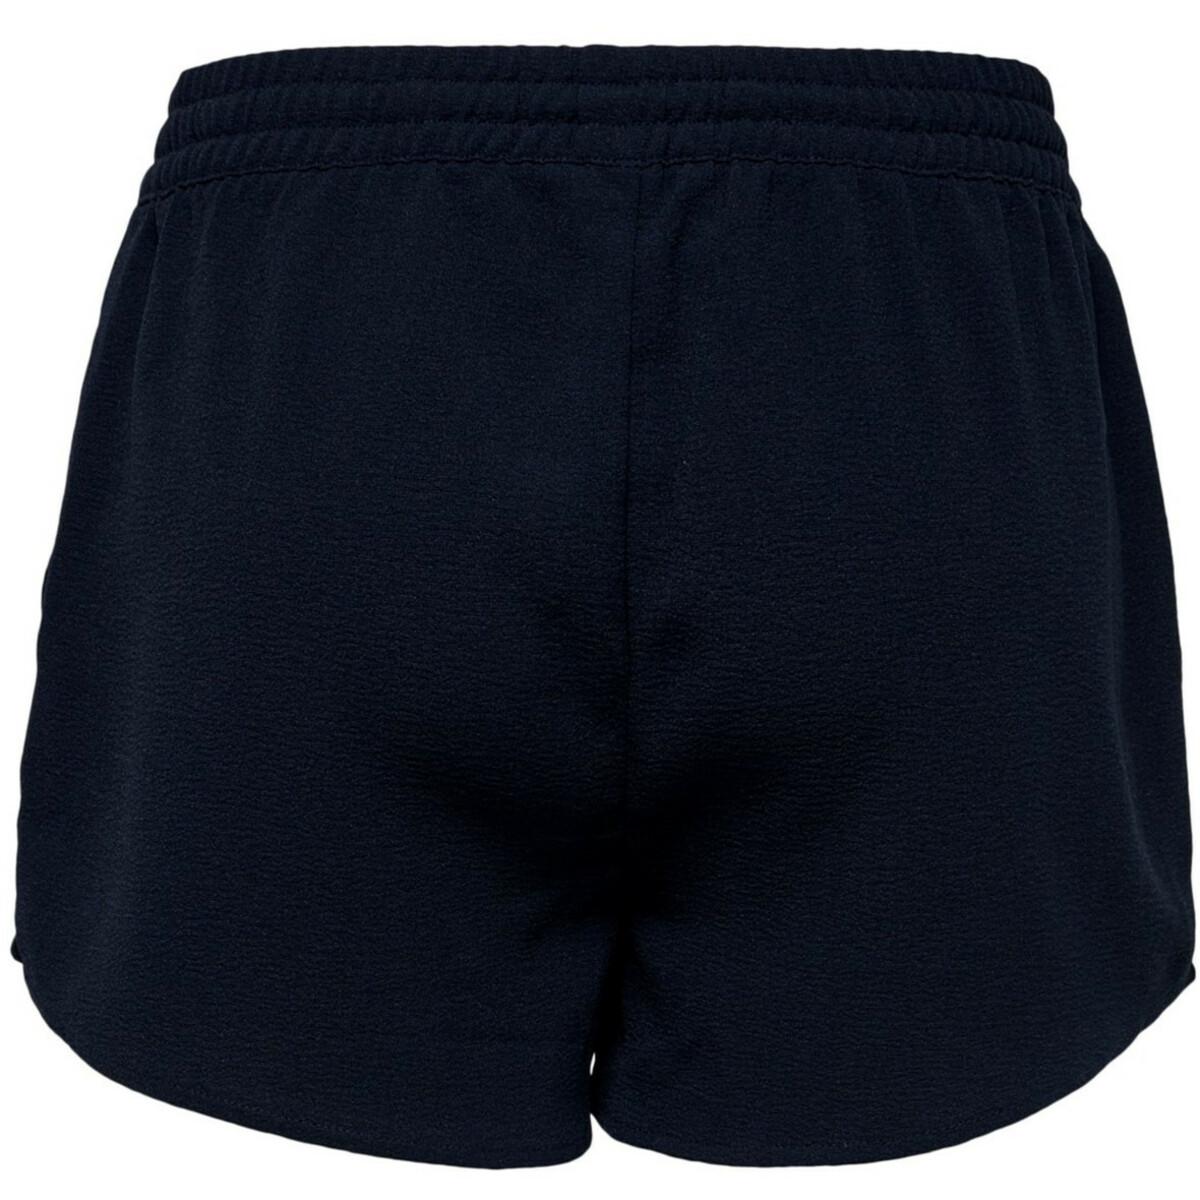 Bild 2 von Damen Only Shorts